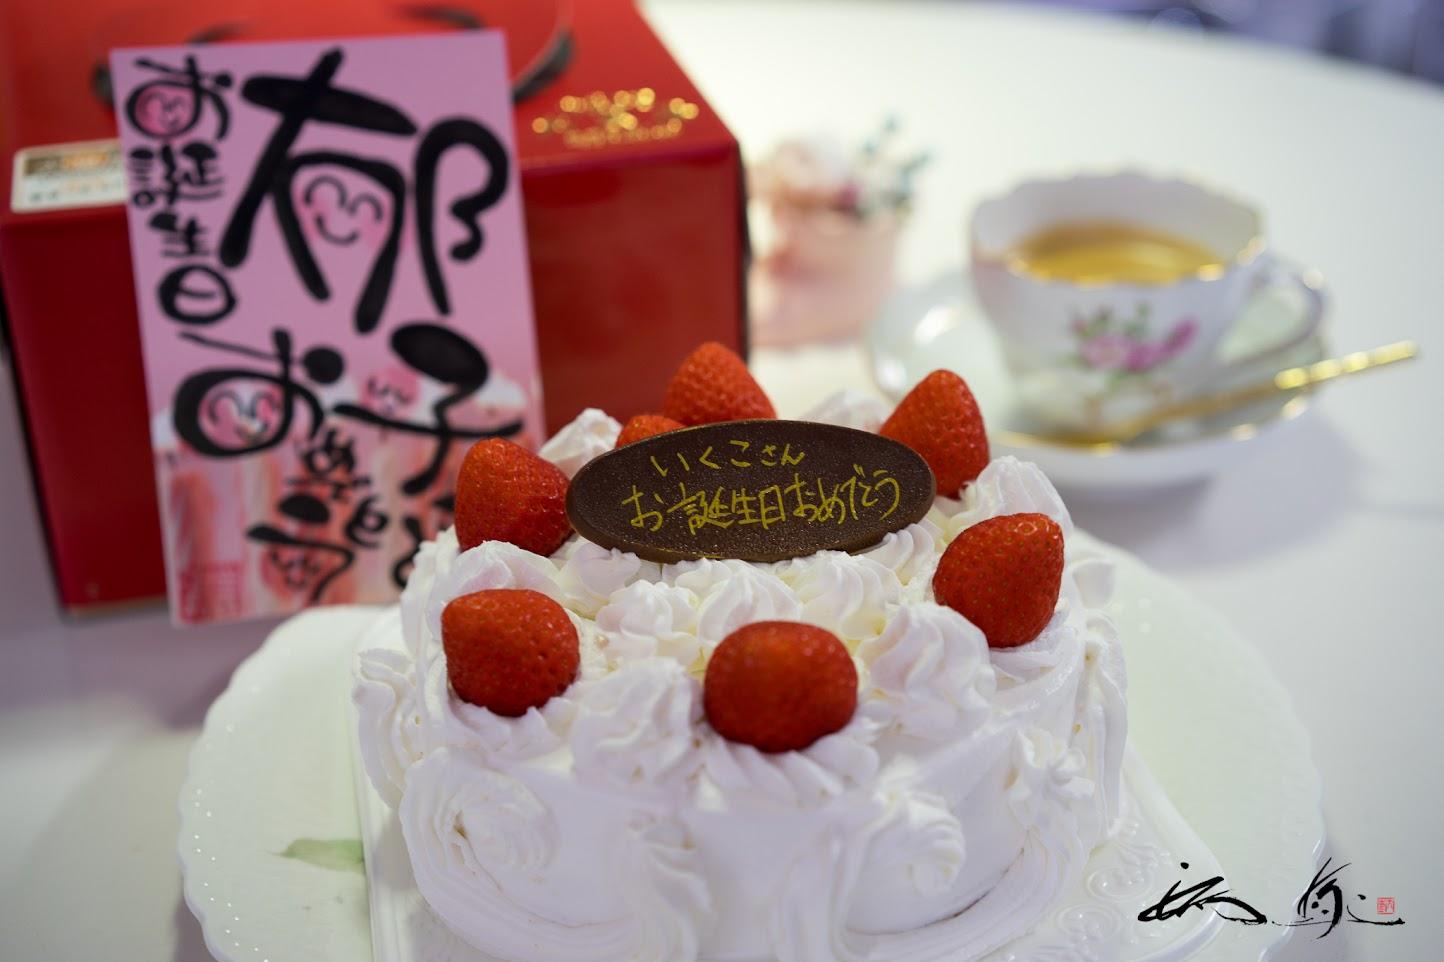 感動のバースデーケーキ!